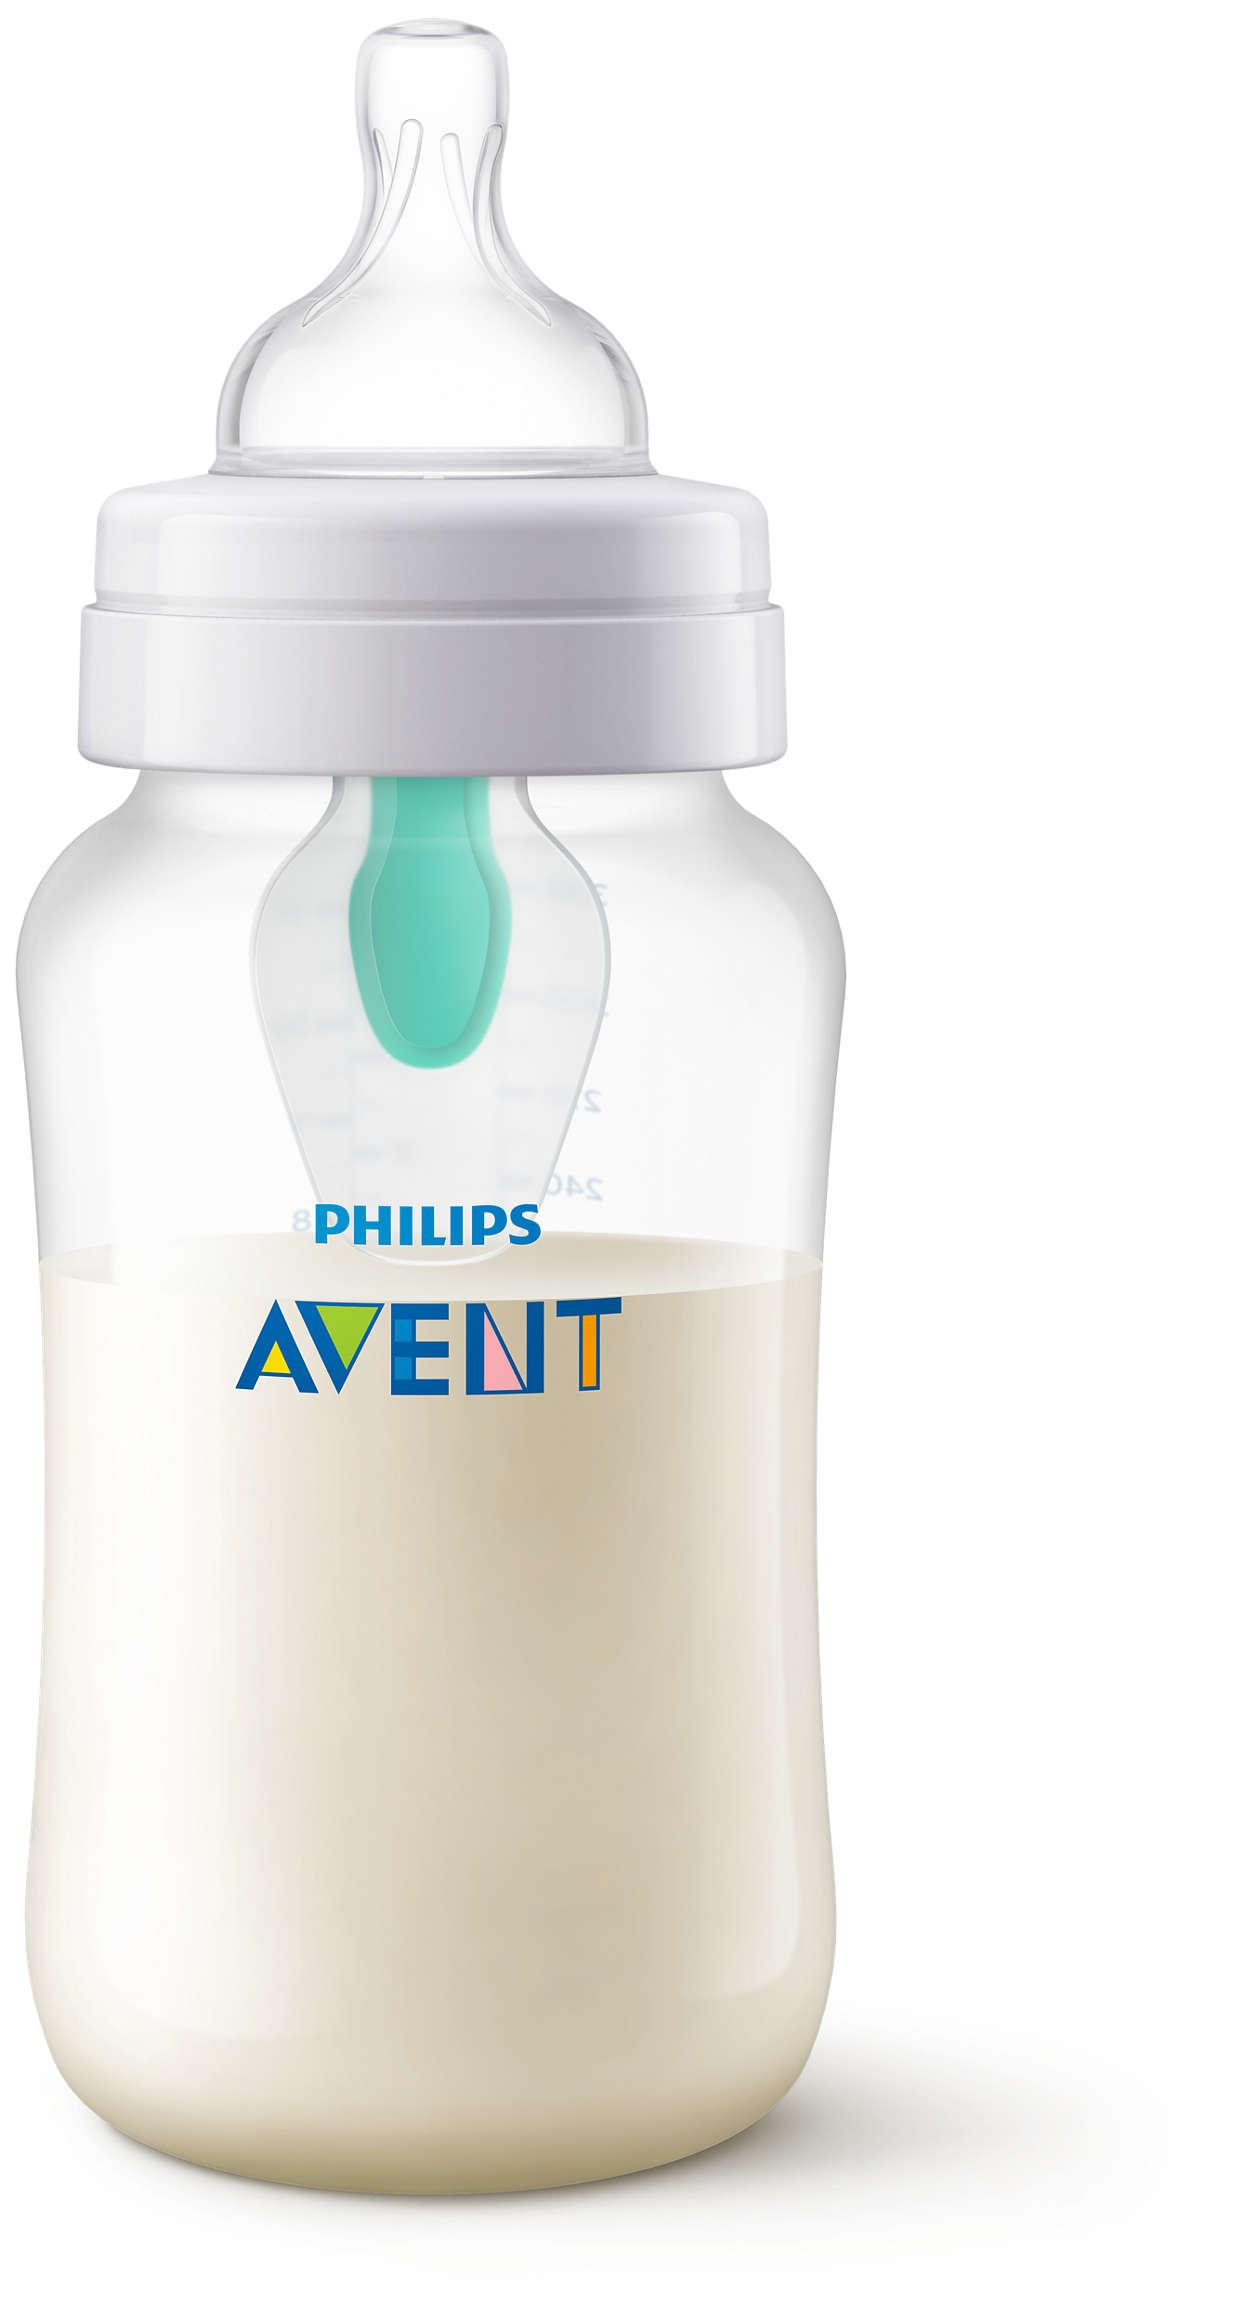 Diseñado para reducir los cólicos, gases y reflujo*